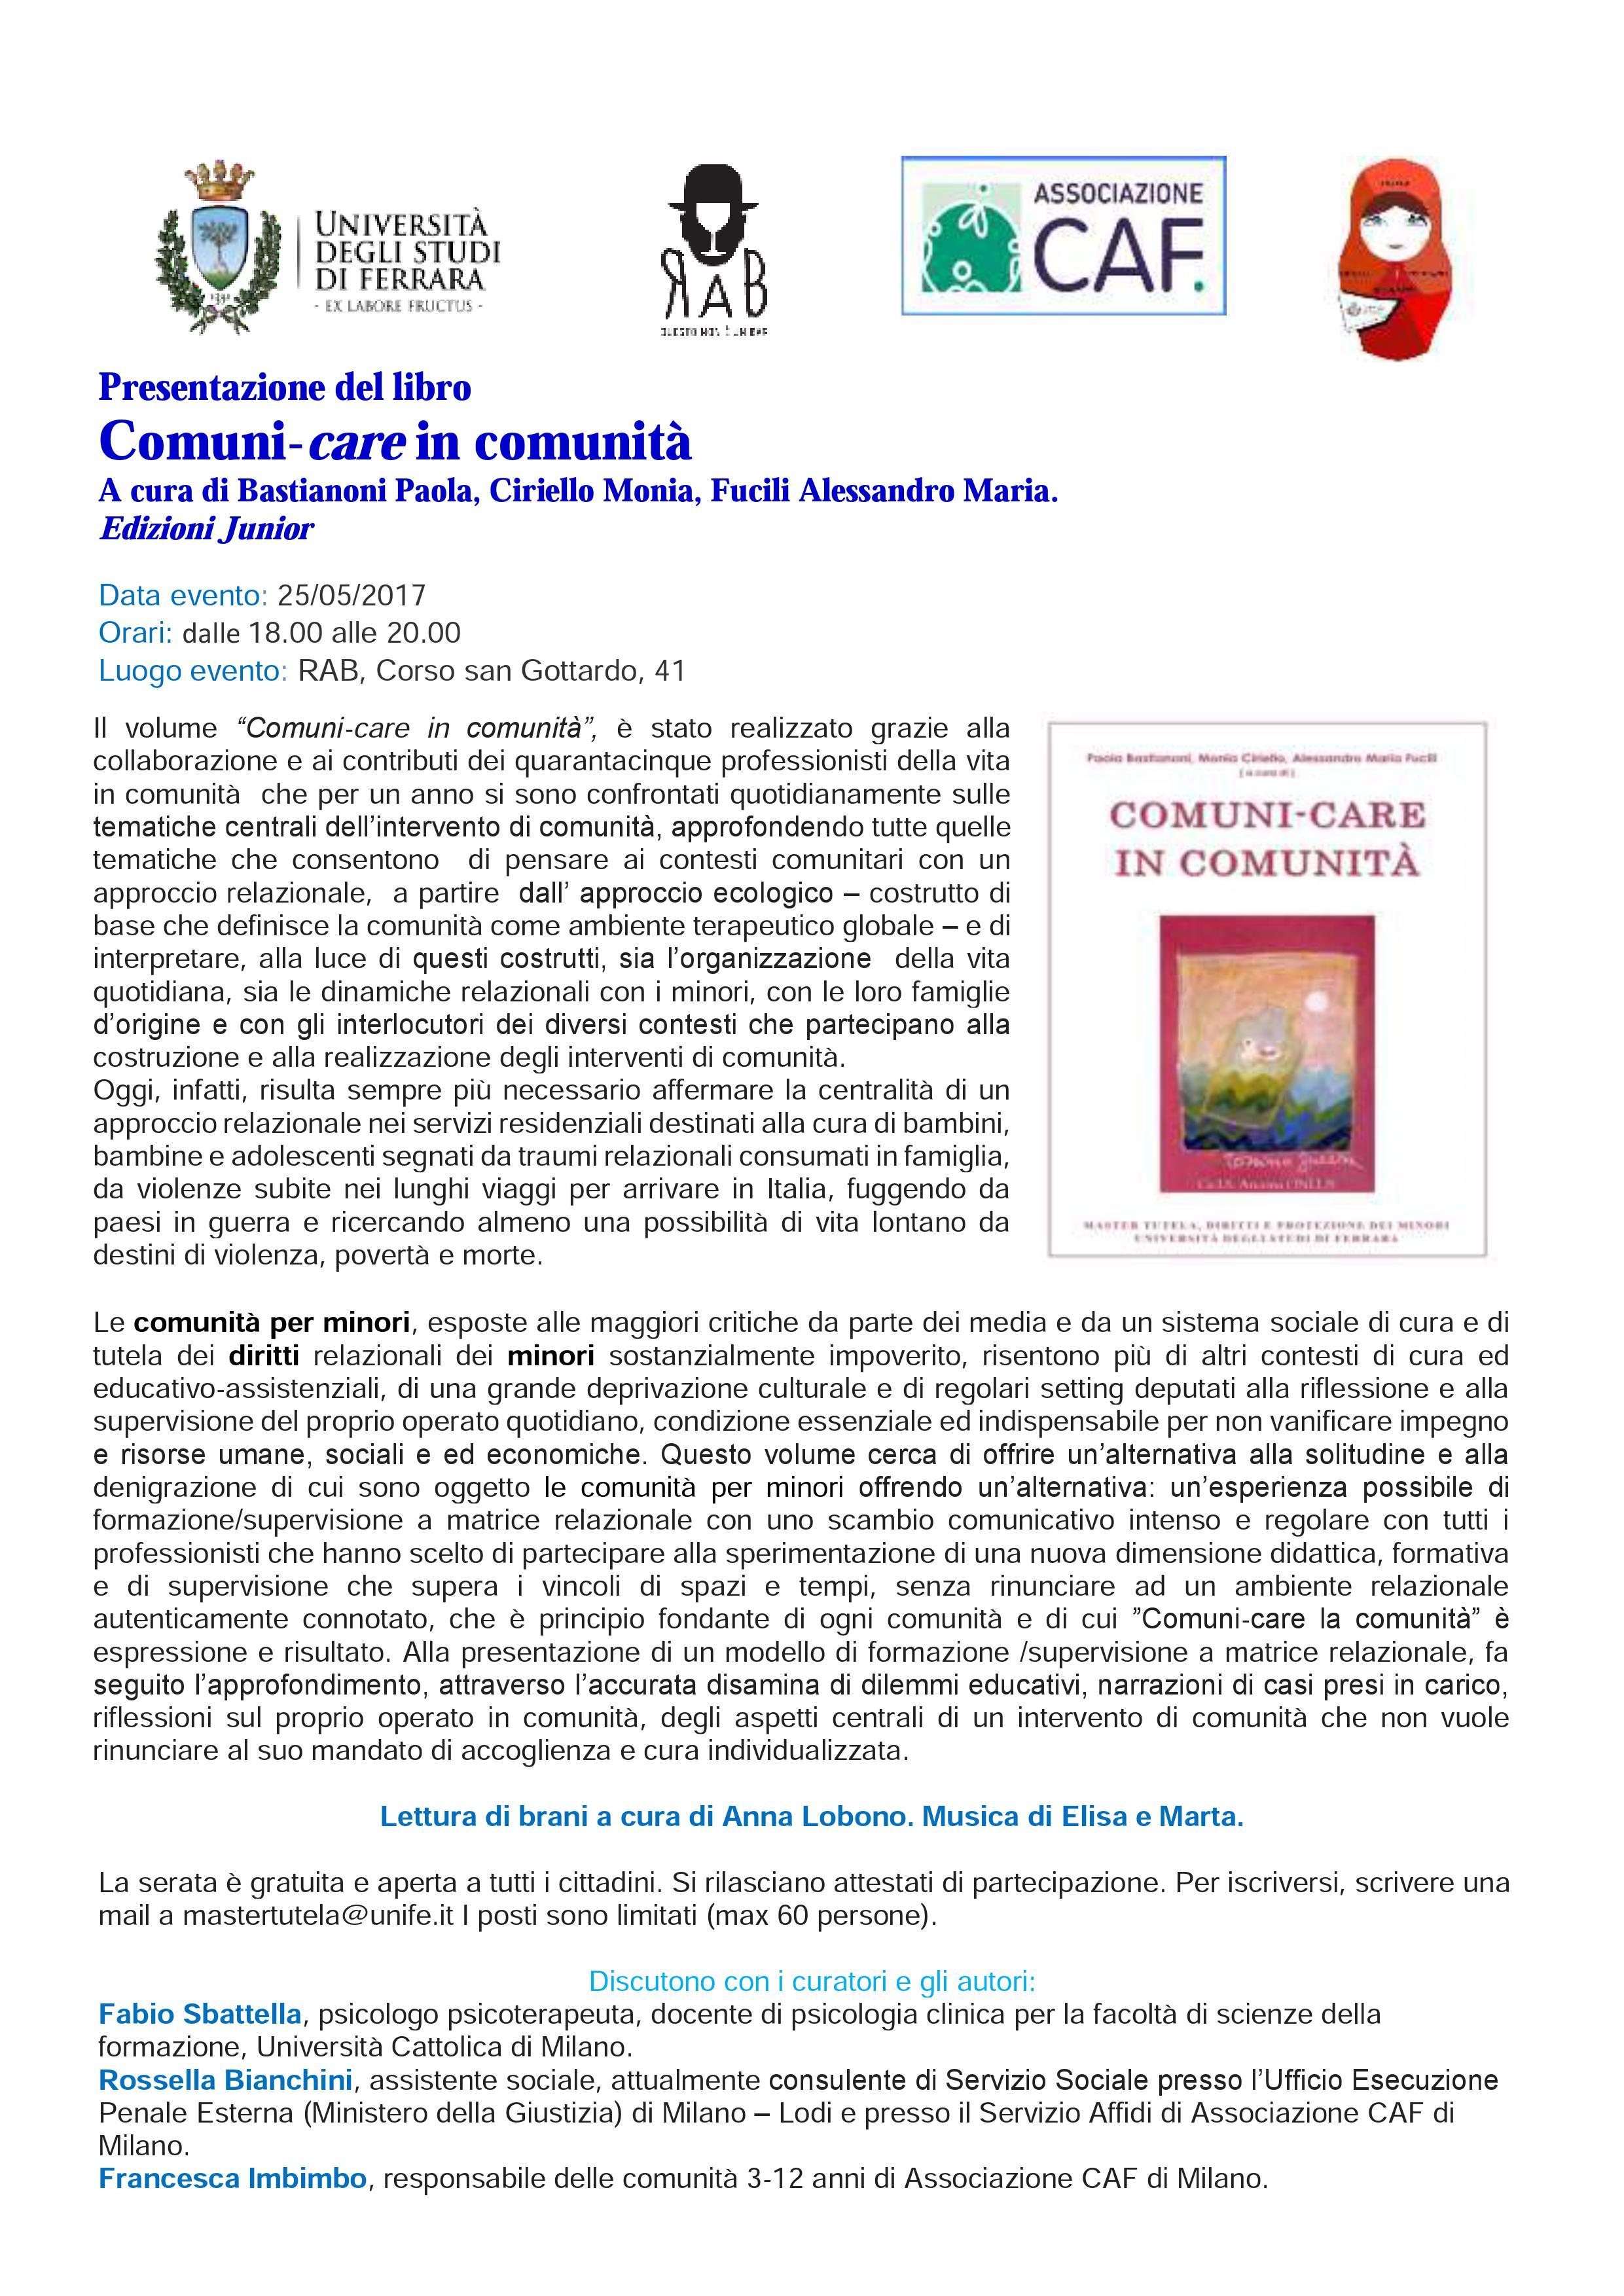 locandina-milano-versione-estesa